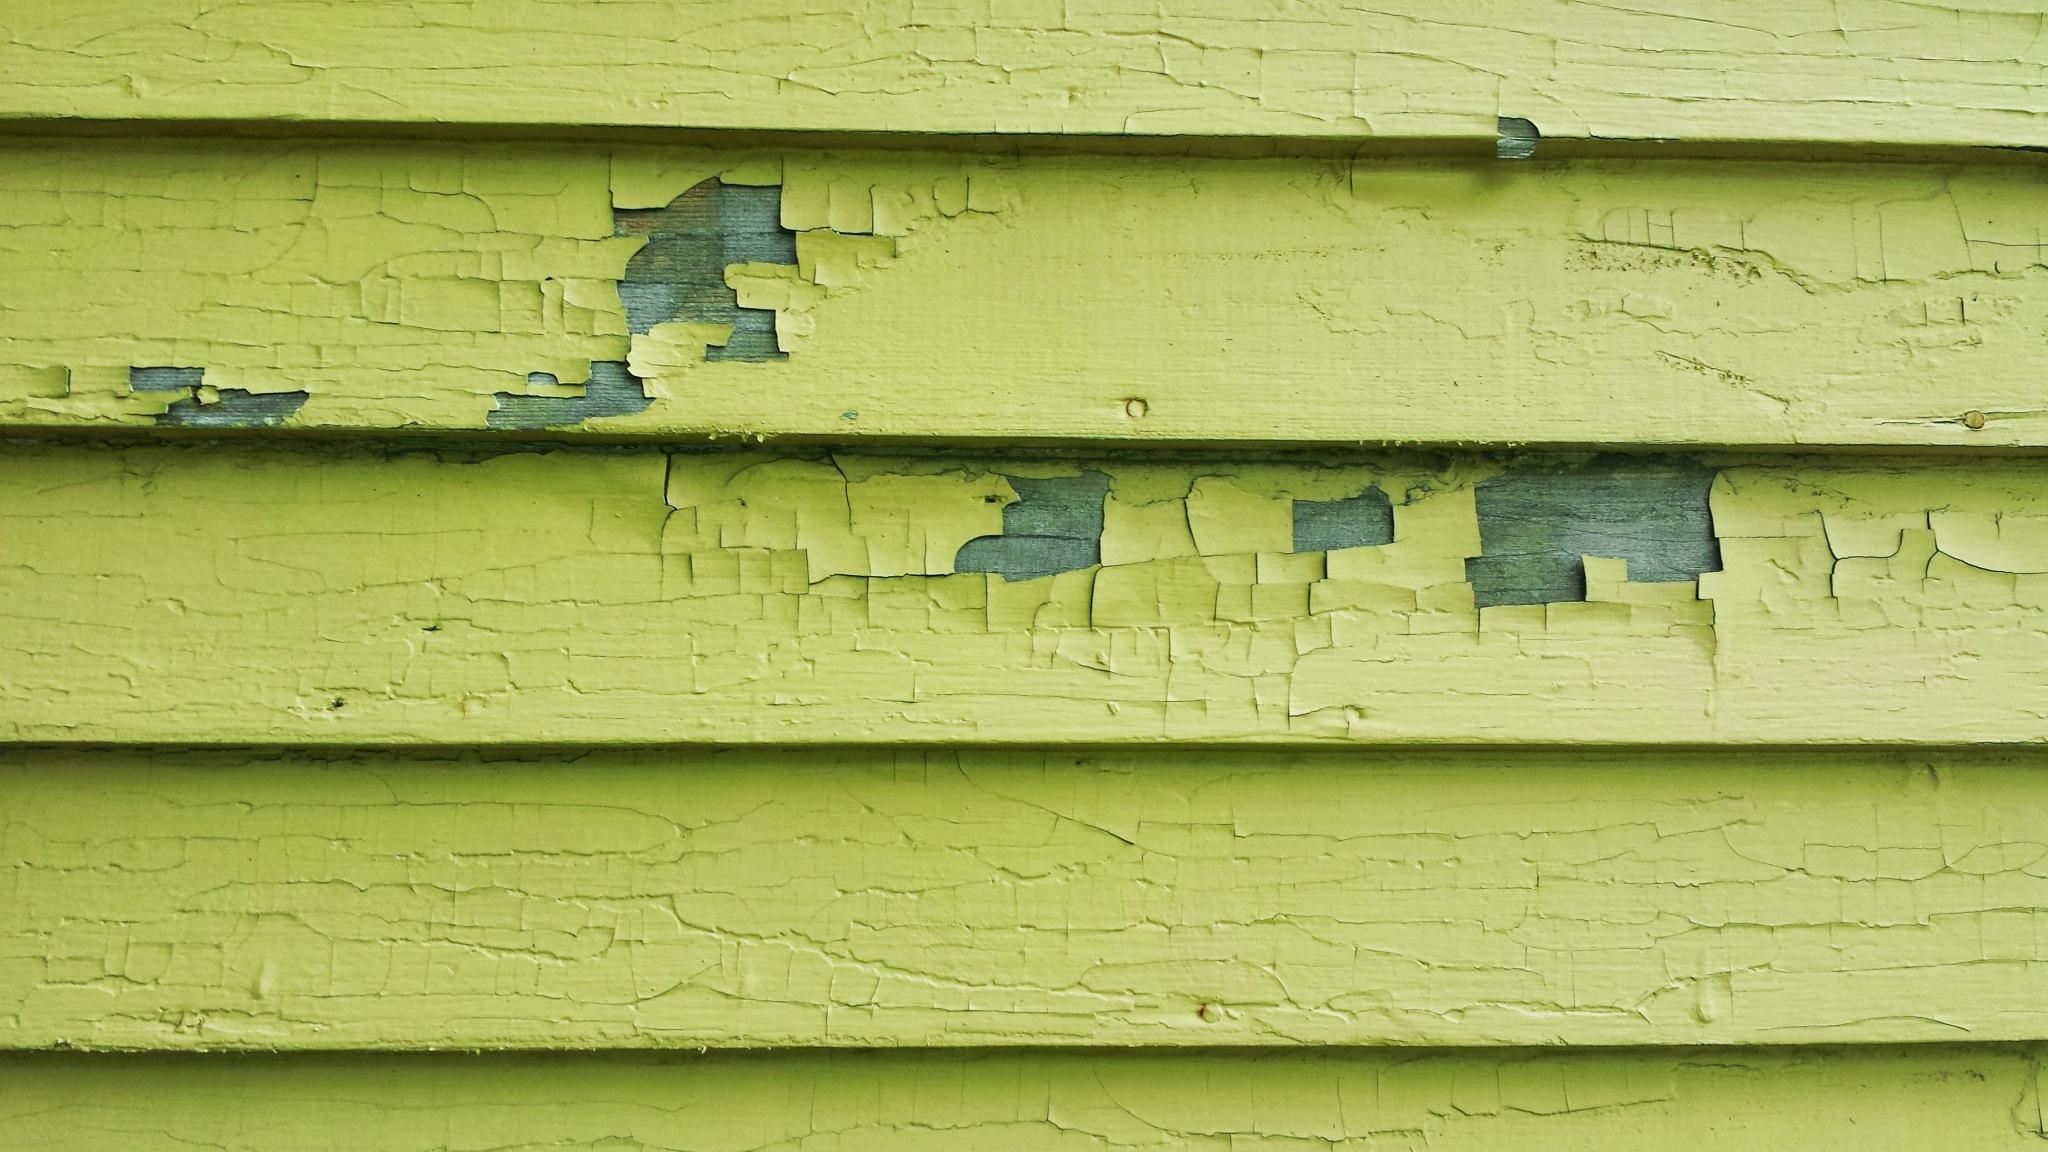 Colorado Sunshine Causes Four Painting Problems: Peeling